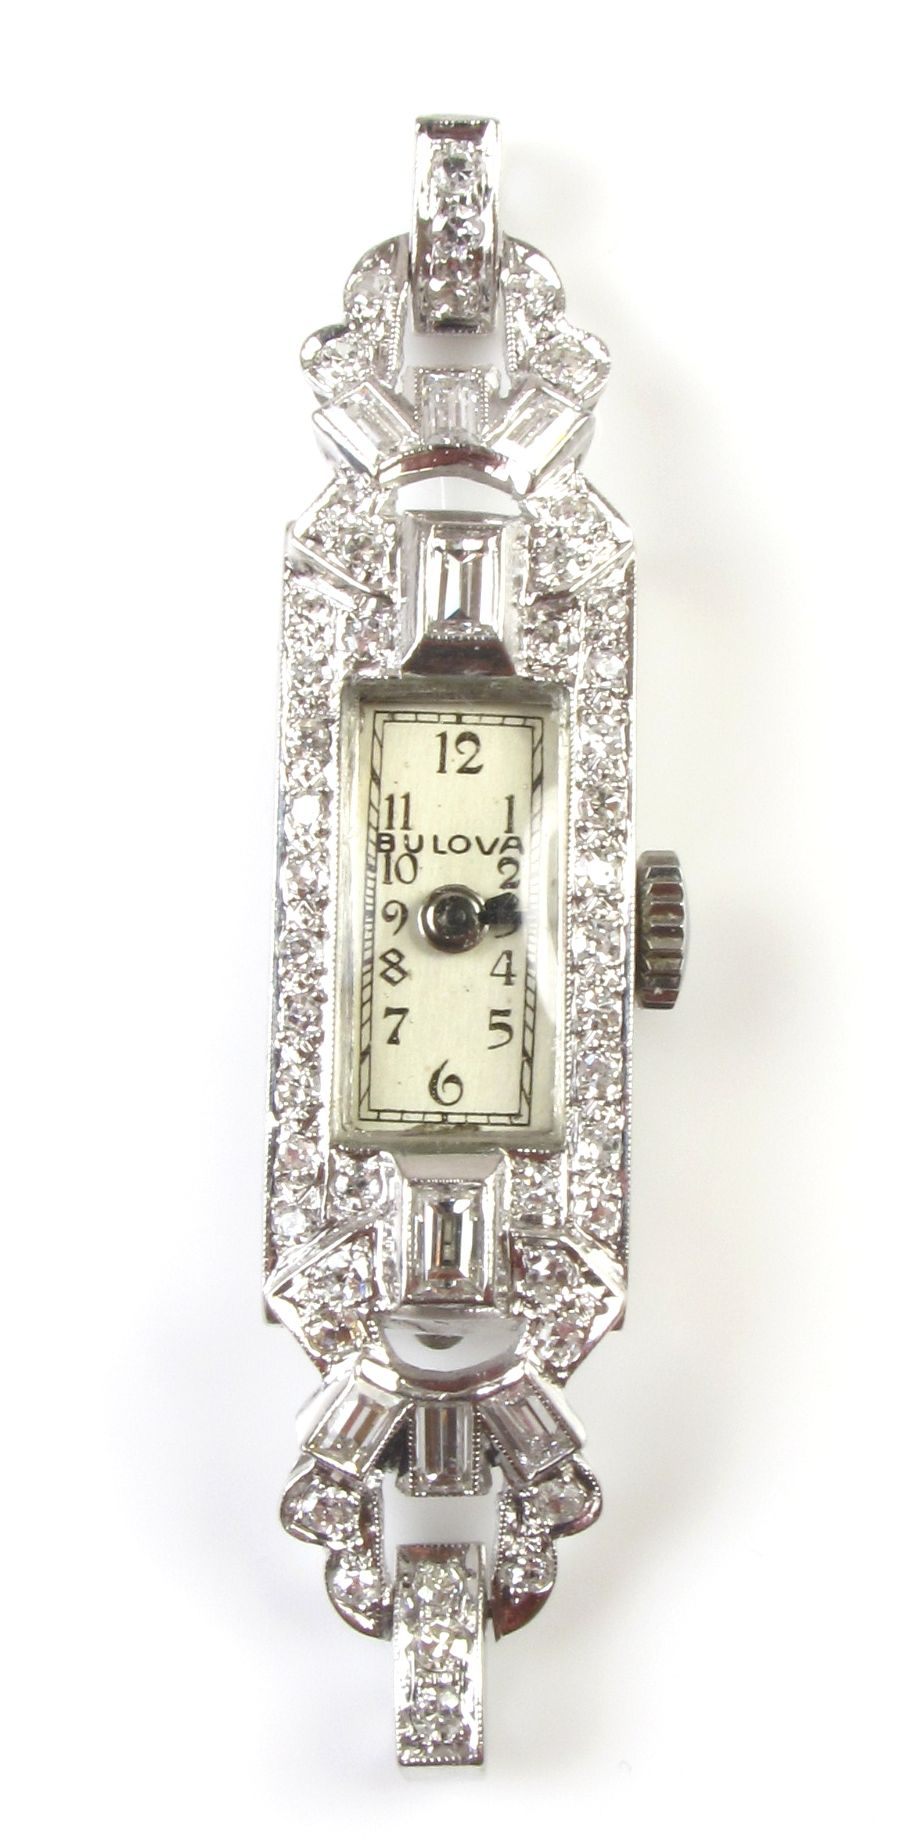 Stunning Platinum Diamond Antique Bucherer Ladies Watch Vintage Fine Jewelry Edwardian Jewelry Antique Watches